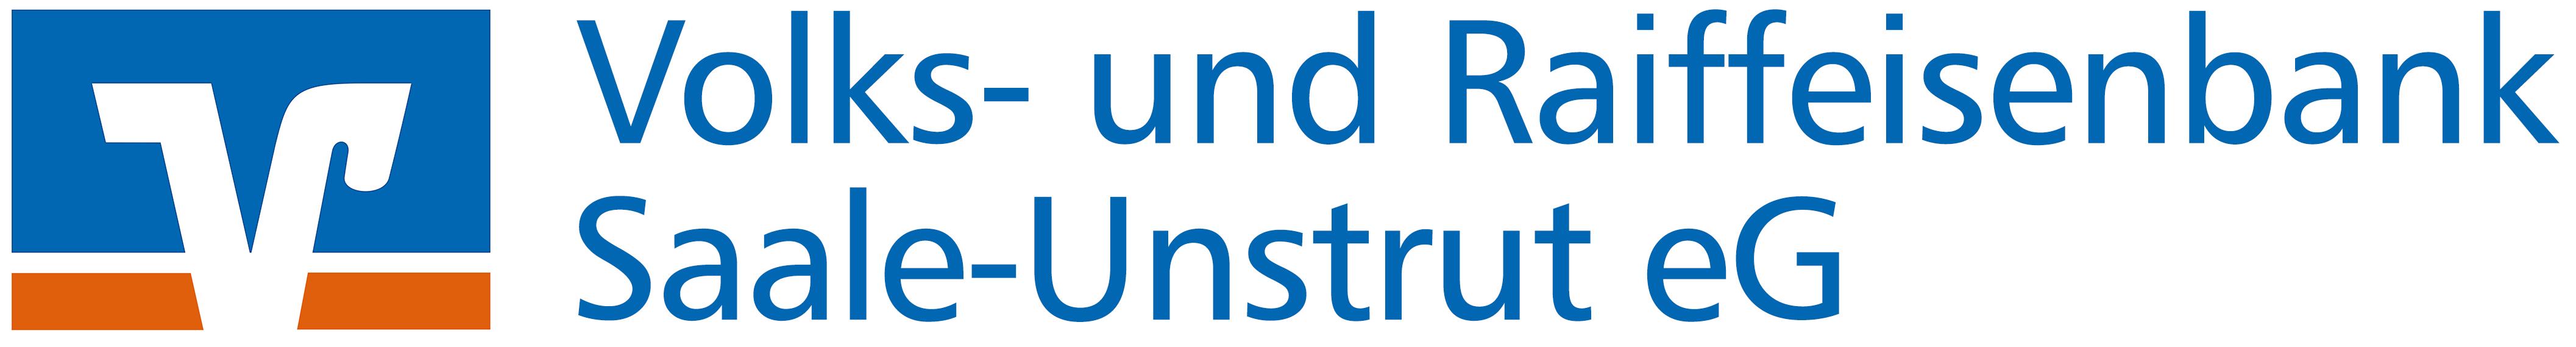 VR Bank Saale-Unstrut